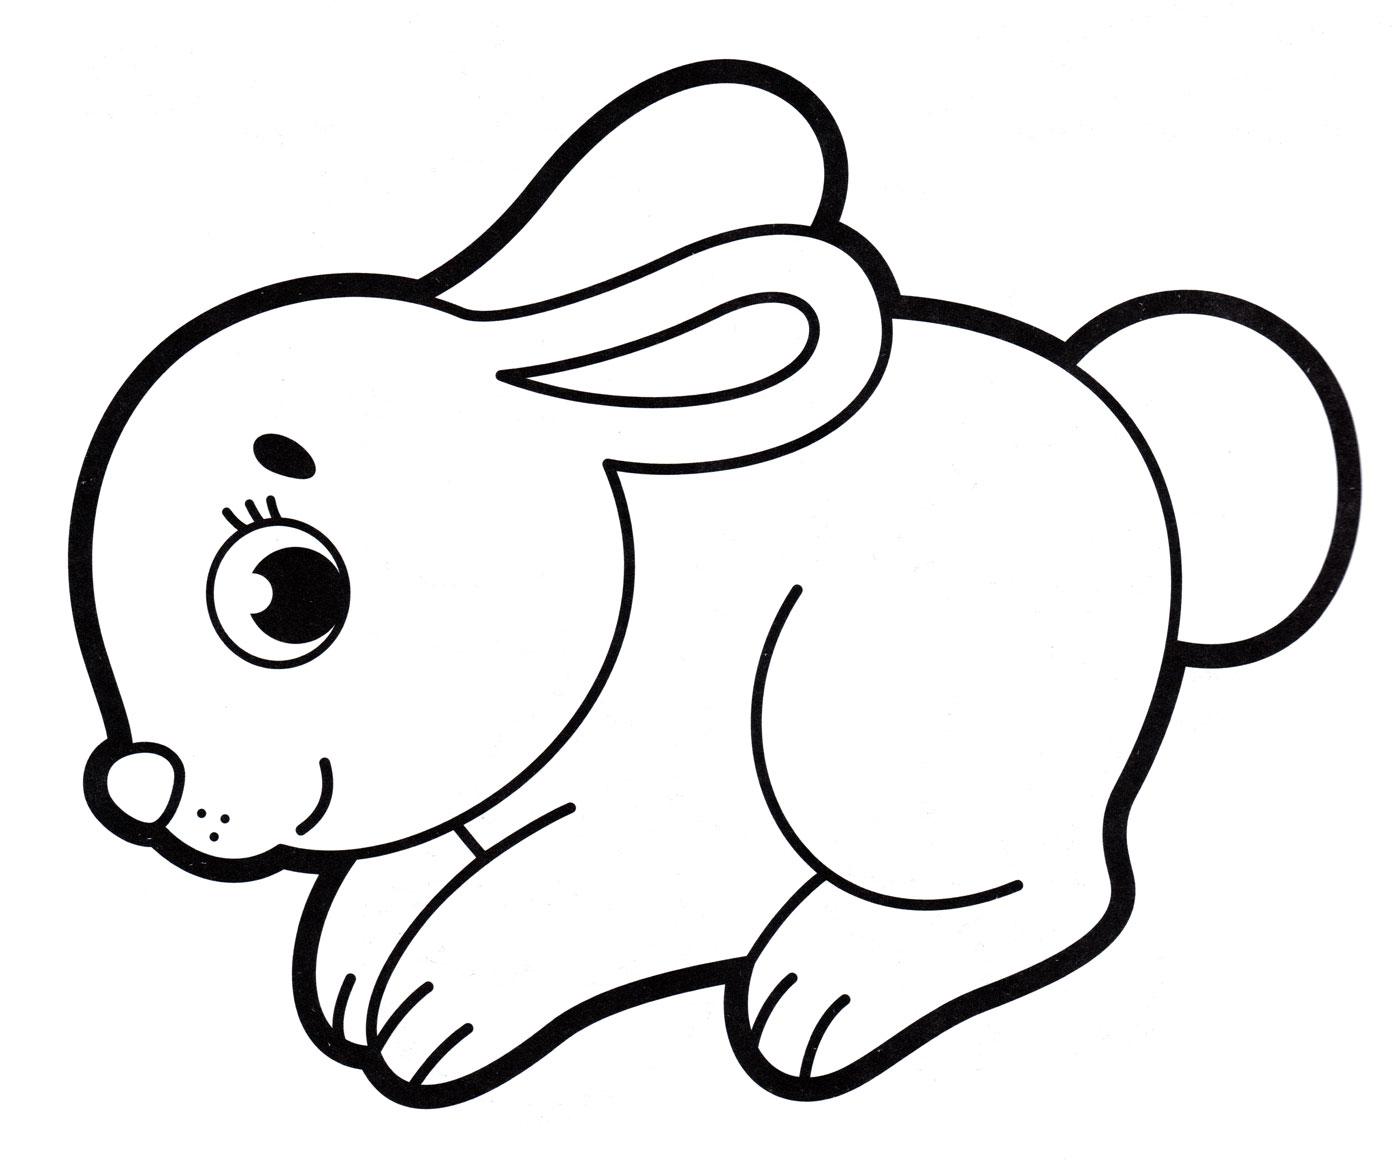 Раскраски малышам распечатать бесплатно, красивые первые раскраски с цветным контуром и образцами для детей 1, 2, 3 года